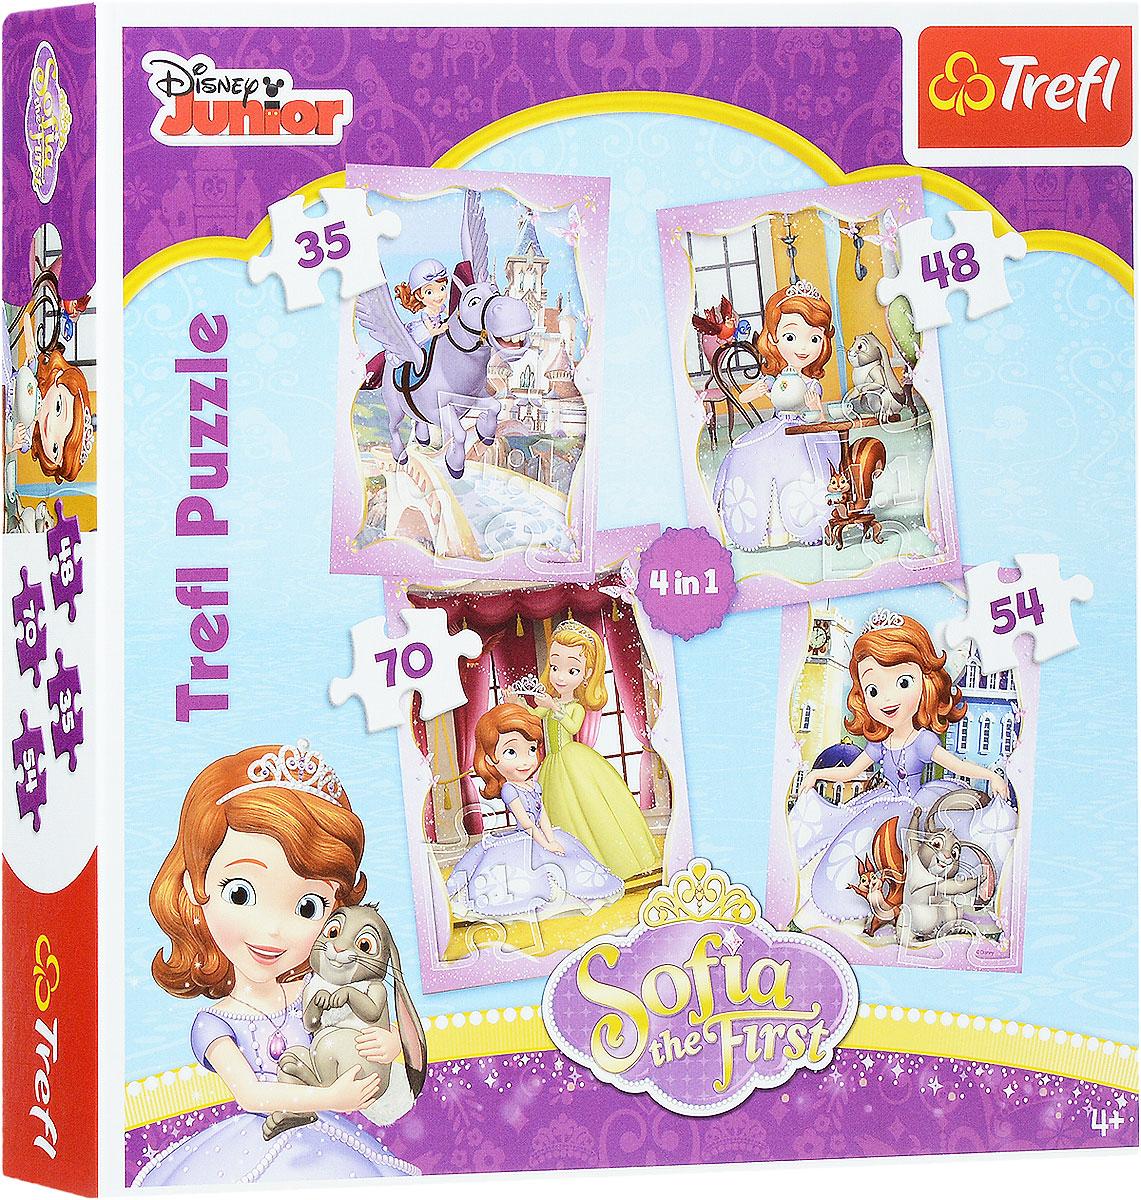 TreflПазл 4 в 1 Счастливый день Софии Trefl Puzzle